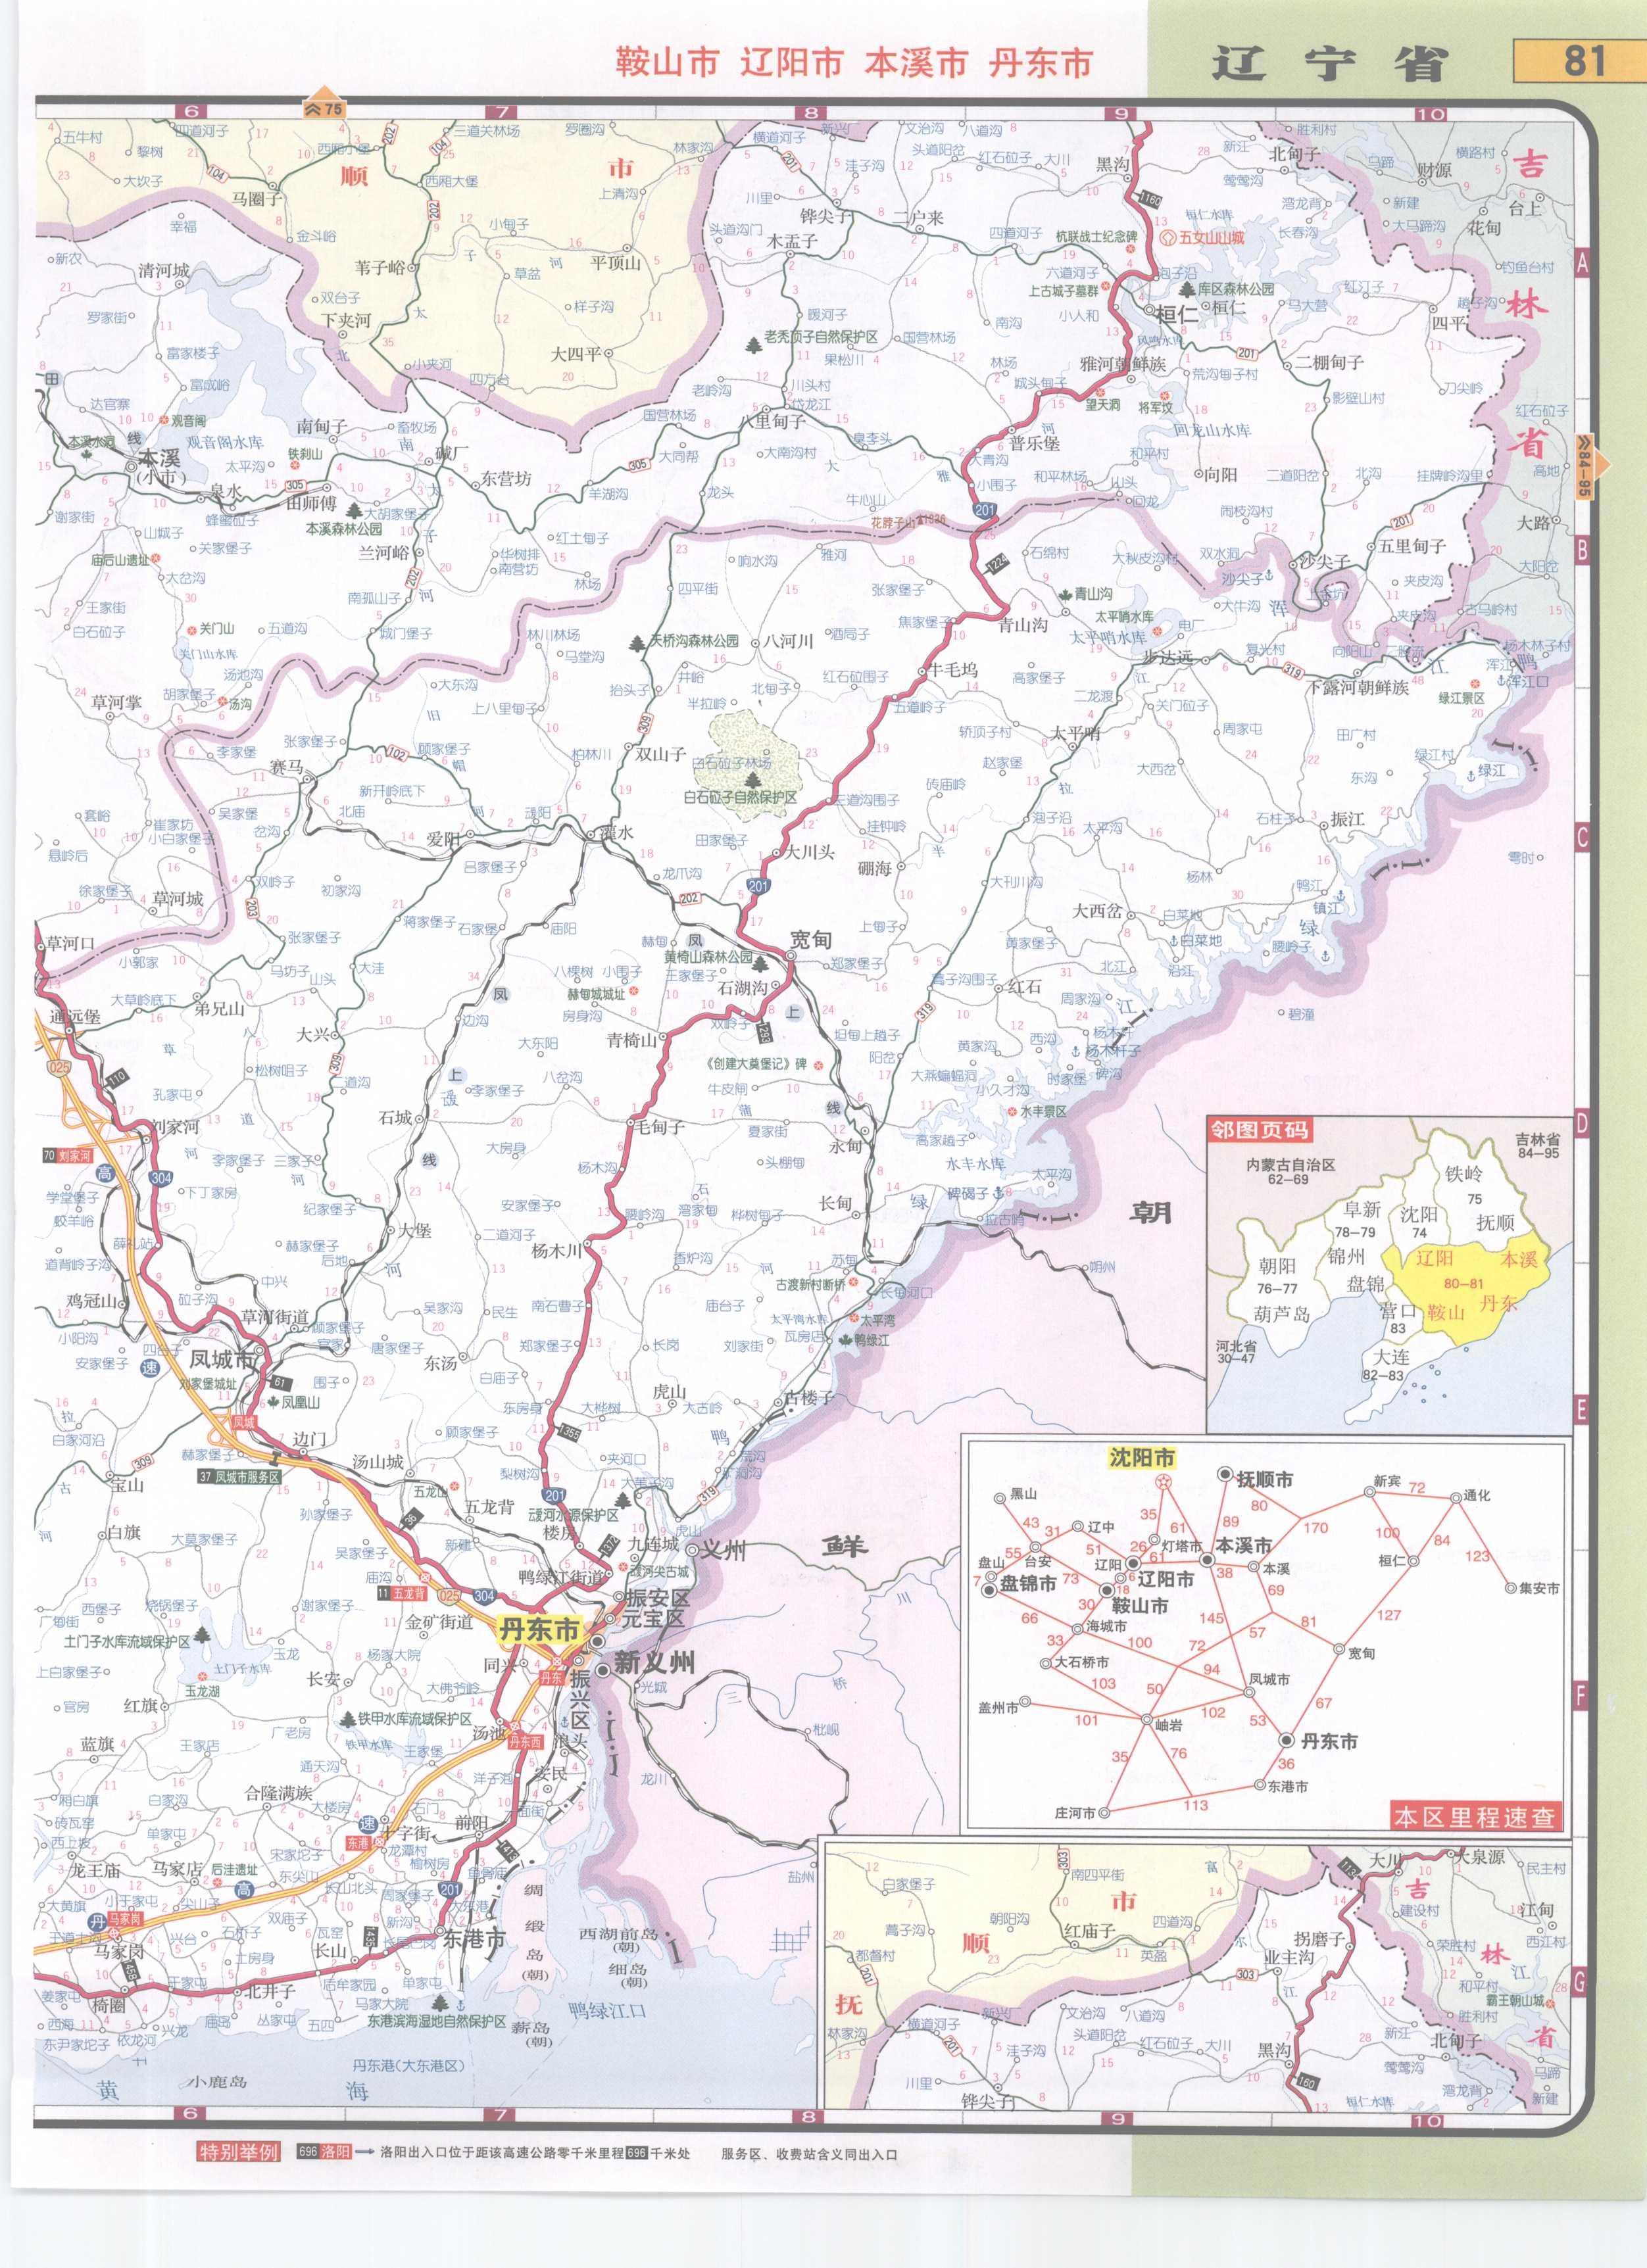 辽宁省鞍山市辽阳市本溪市丹东市高速公路网地图 ...